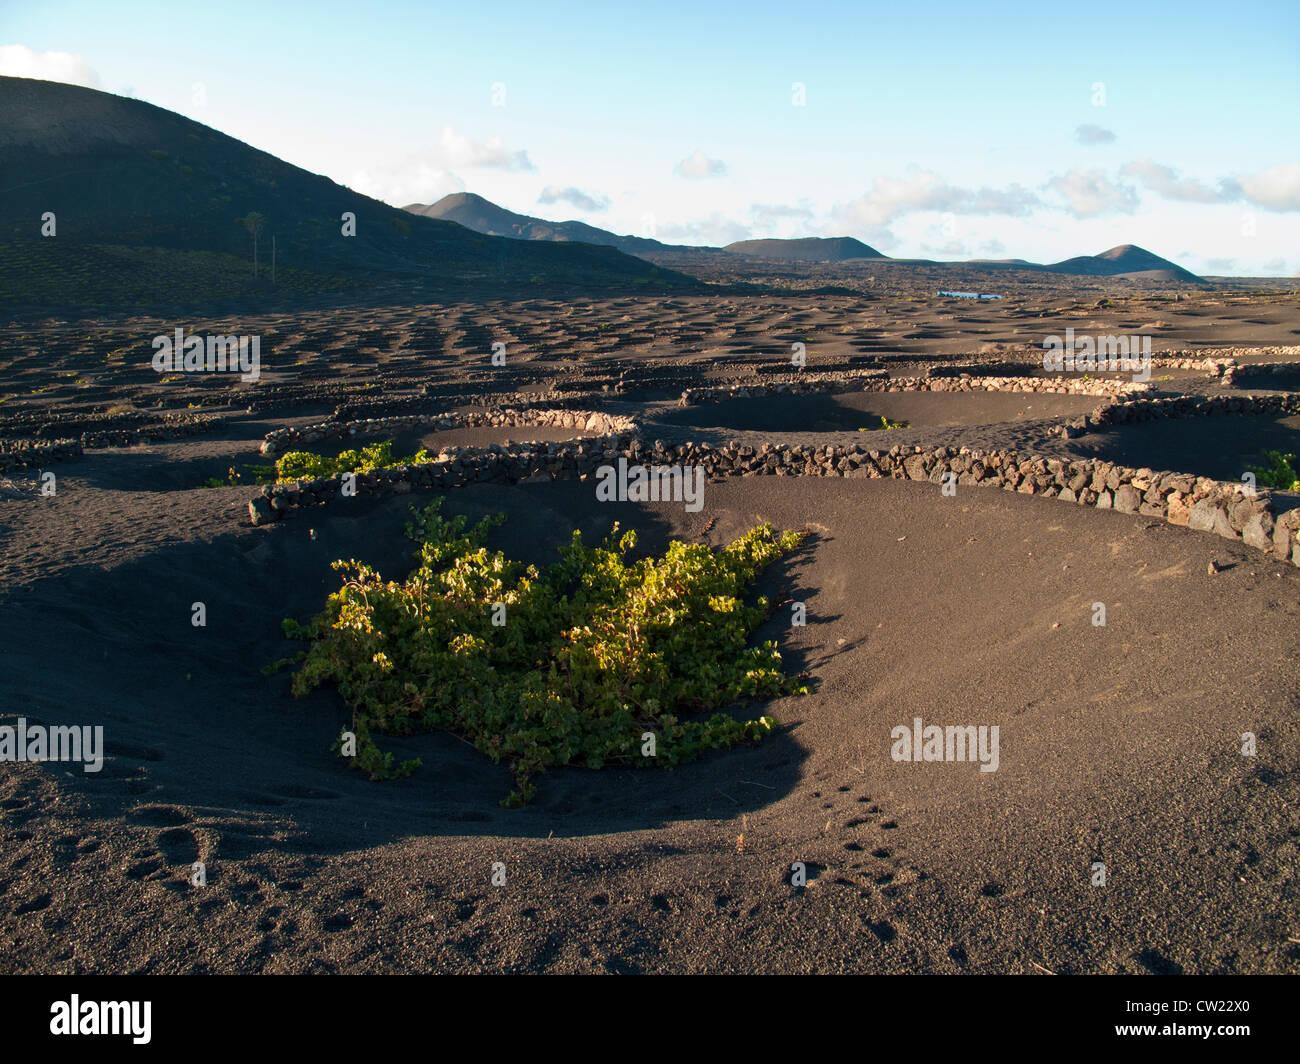 der Weinbau auf der Insel Lanzarote, Kanarische Inseln, Spanien Stockbild